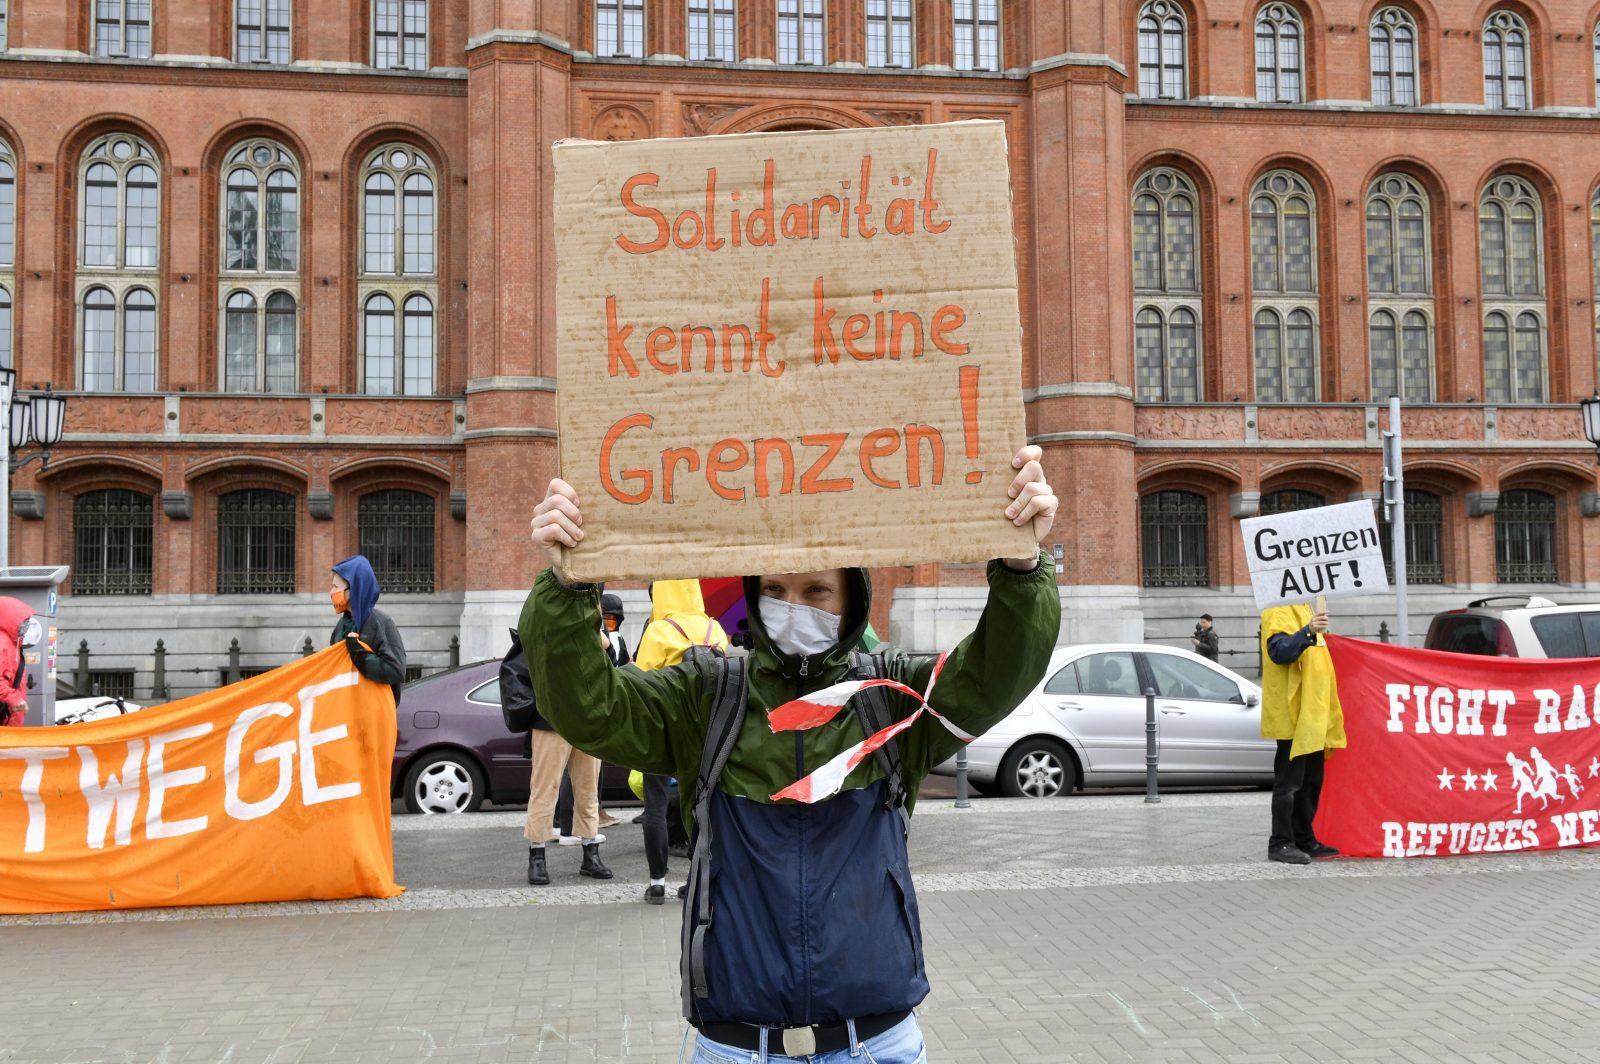 Teilnehmer einer Demonstration in Berlin fordern die Aufnahme von Asylbewerbern Foto: picture alliance/Geisler-Fotopress